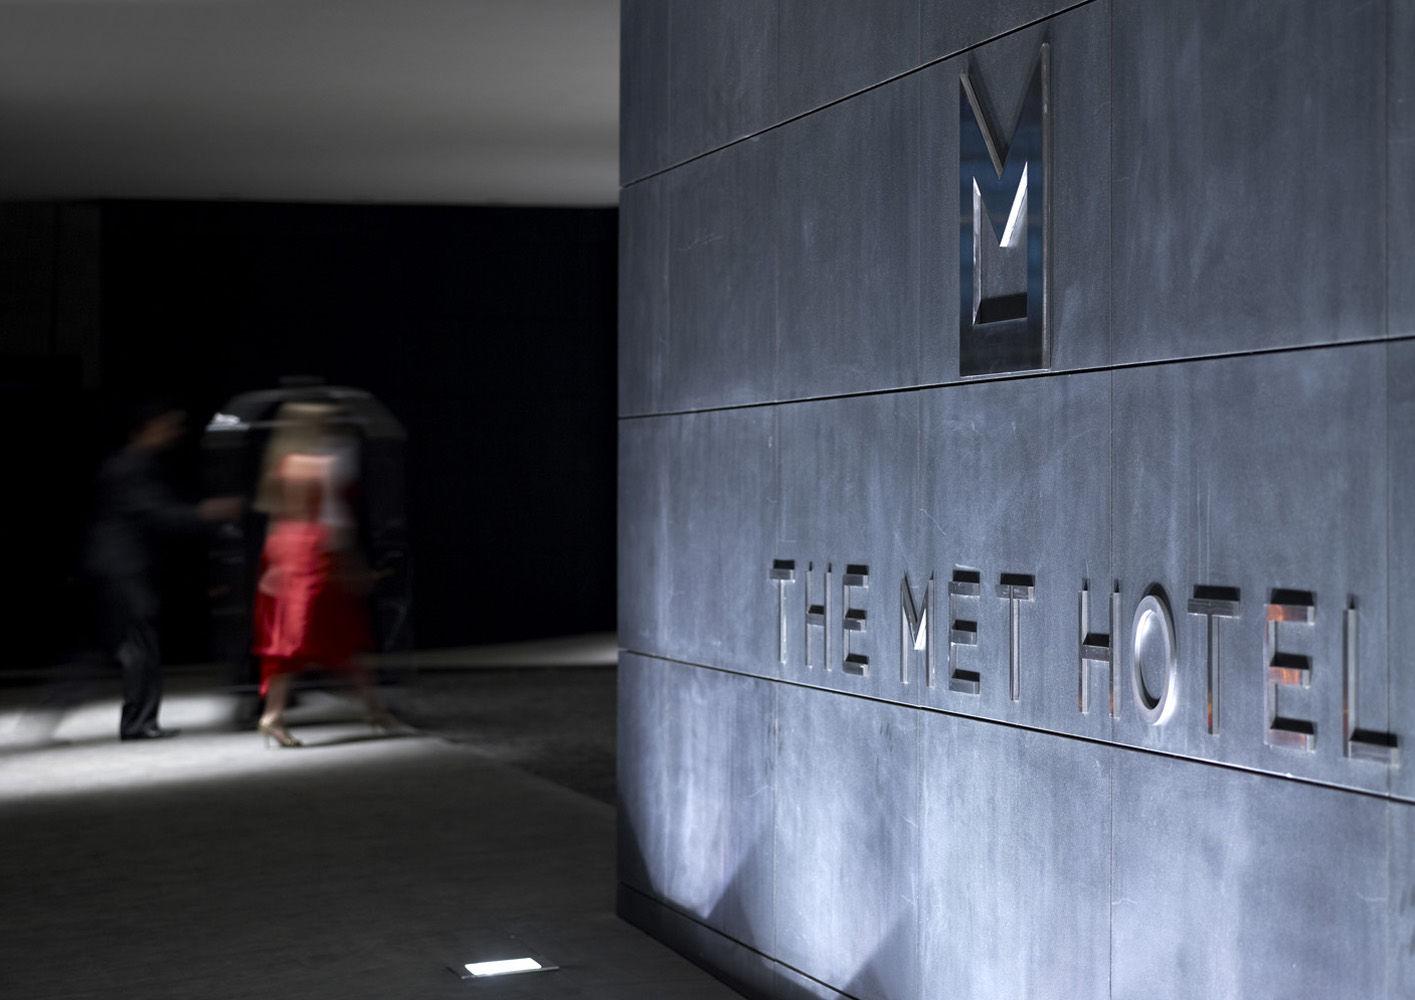 Thessaloniki, The Met Hotel. 01 · 02